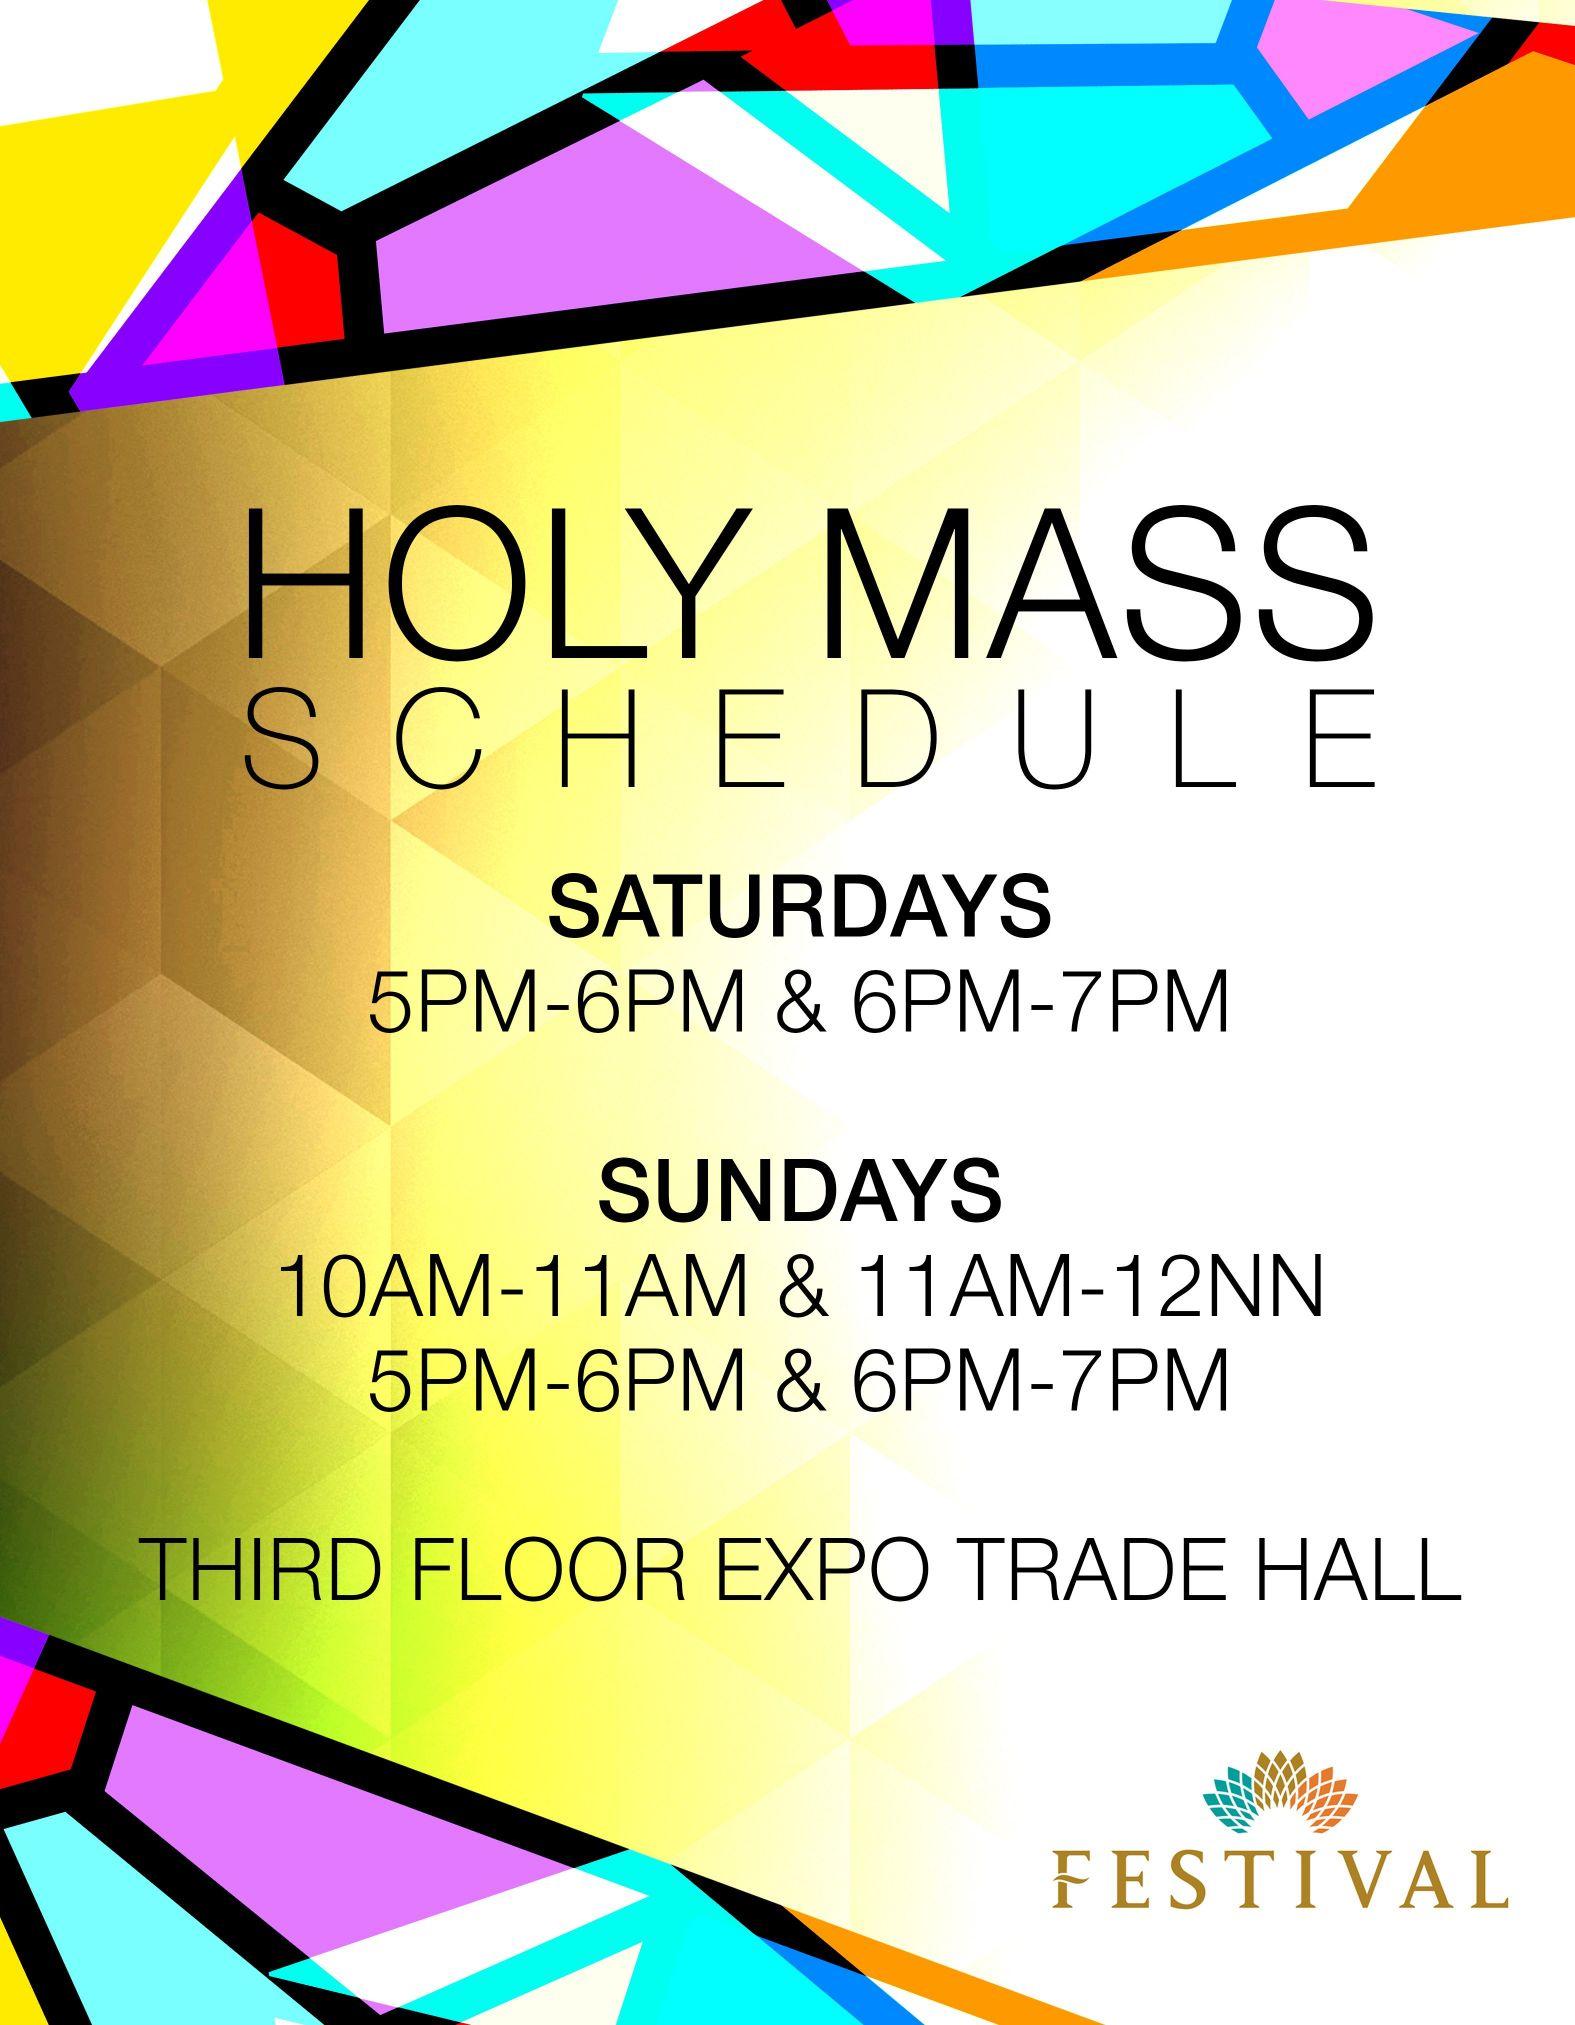 Mass Schedule (Festival Mall)